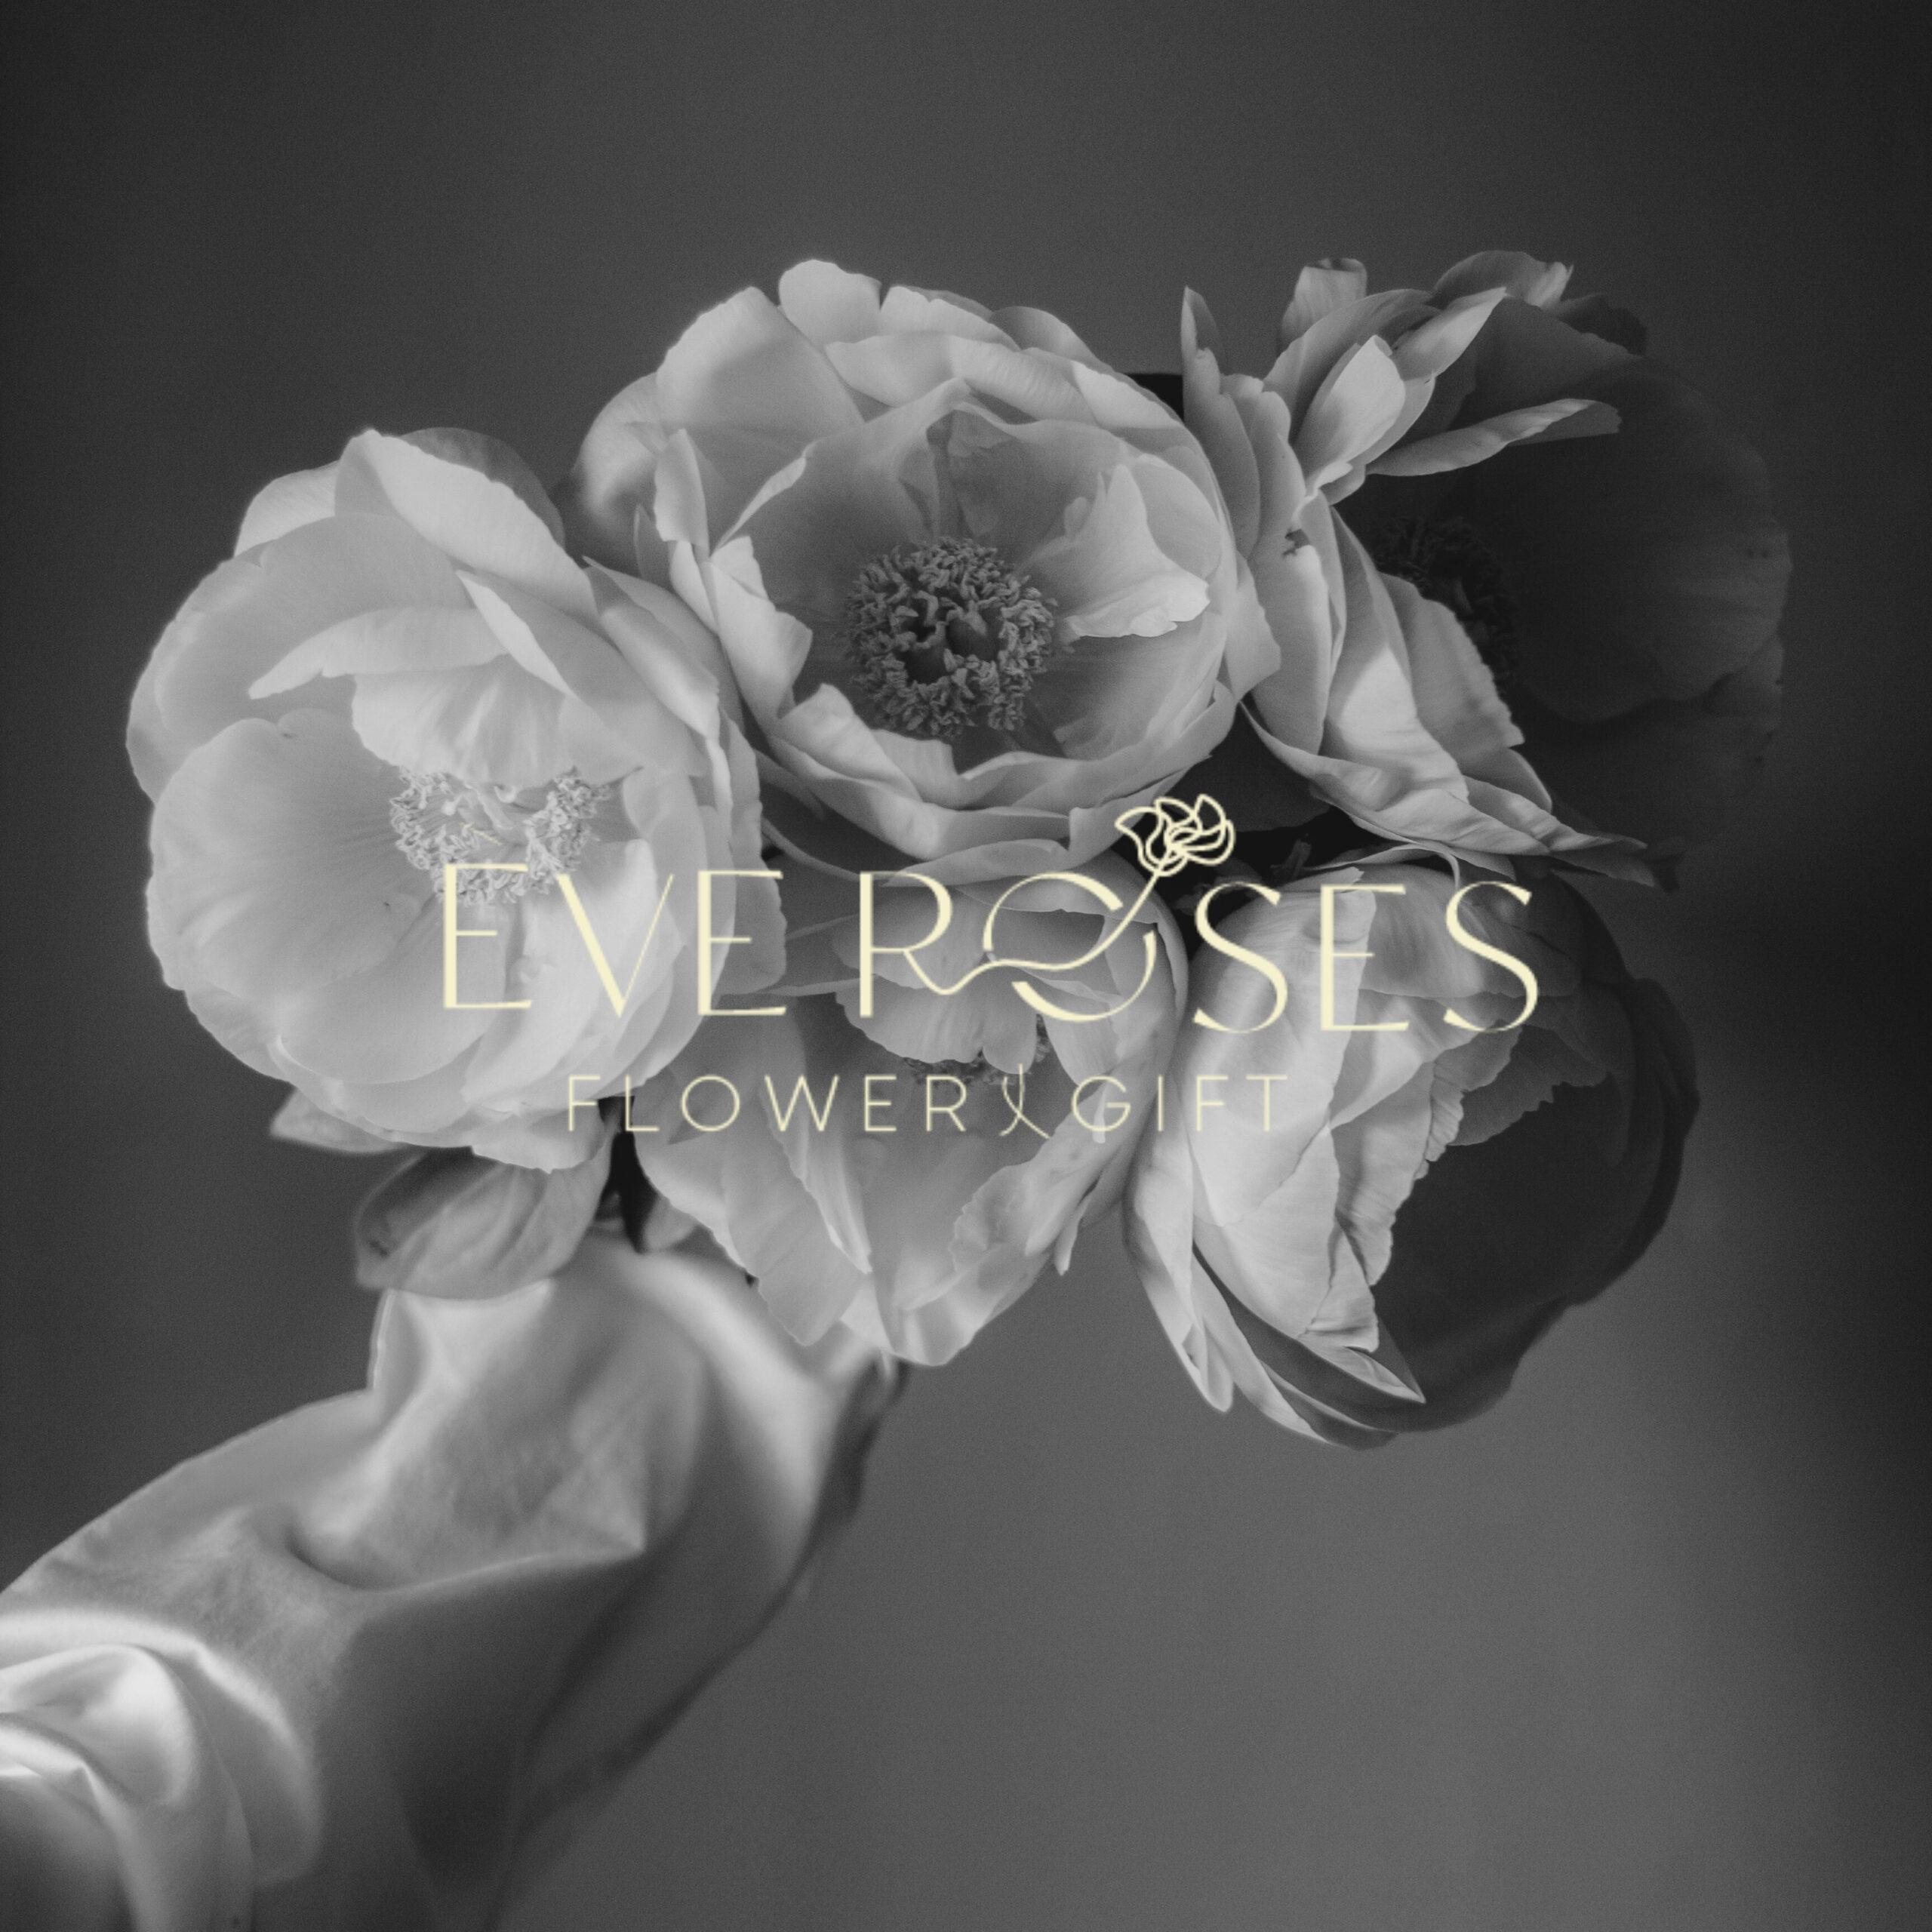 eve roses - flower shop